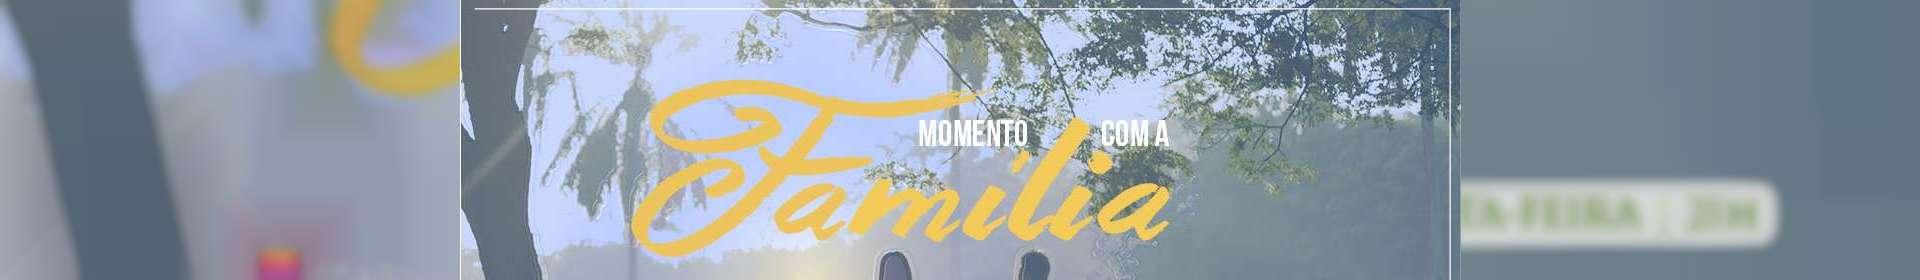 Momento com a Família - 28/06/2019